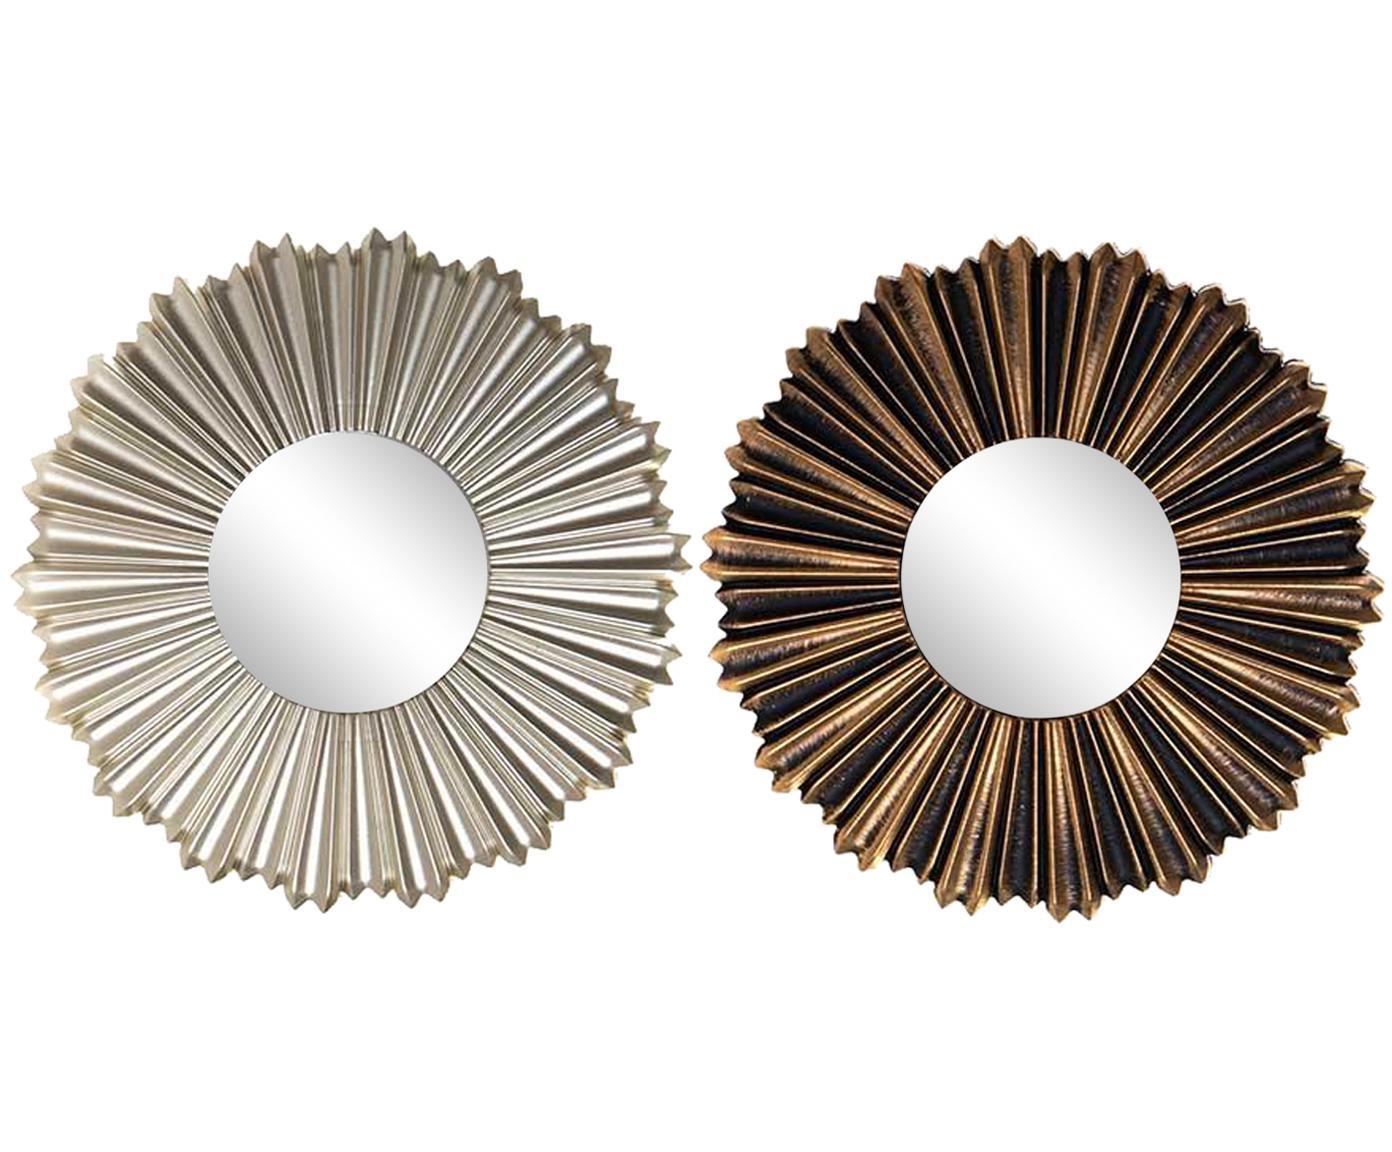 Set de espejos de pared Jeroen, 6 pzas., Polipropileno Espejo de cristal Cartón, Plateado, marrón, Ø 25 cm